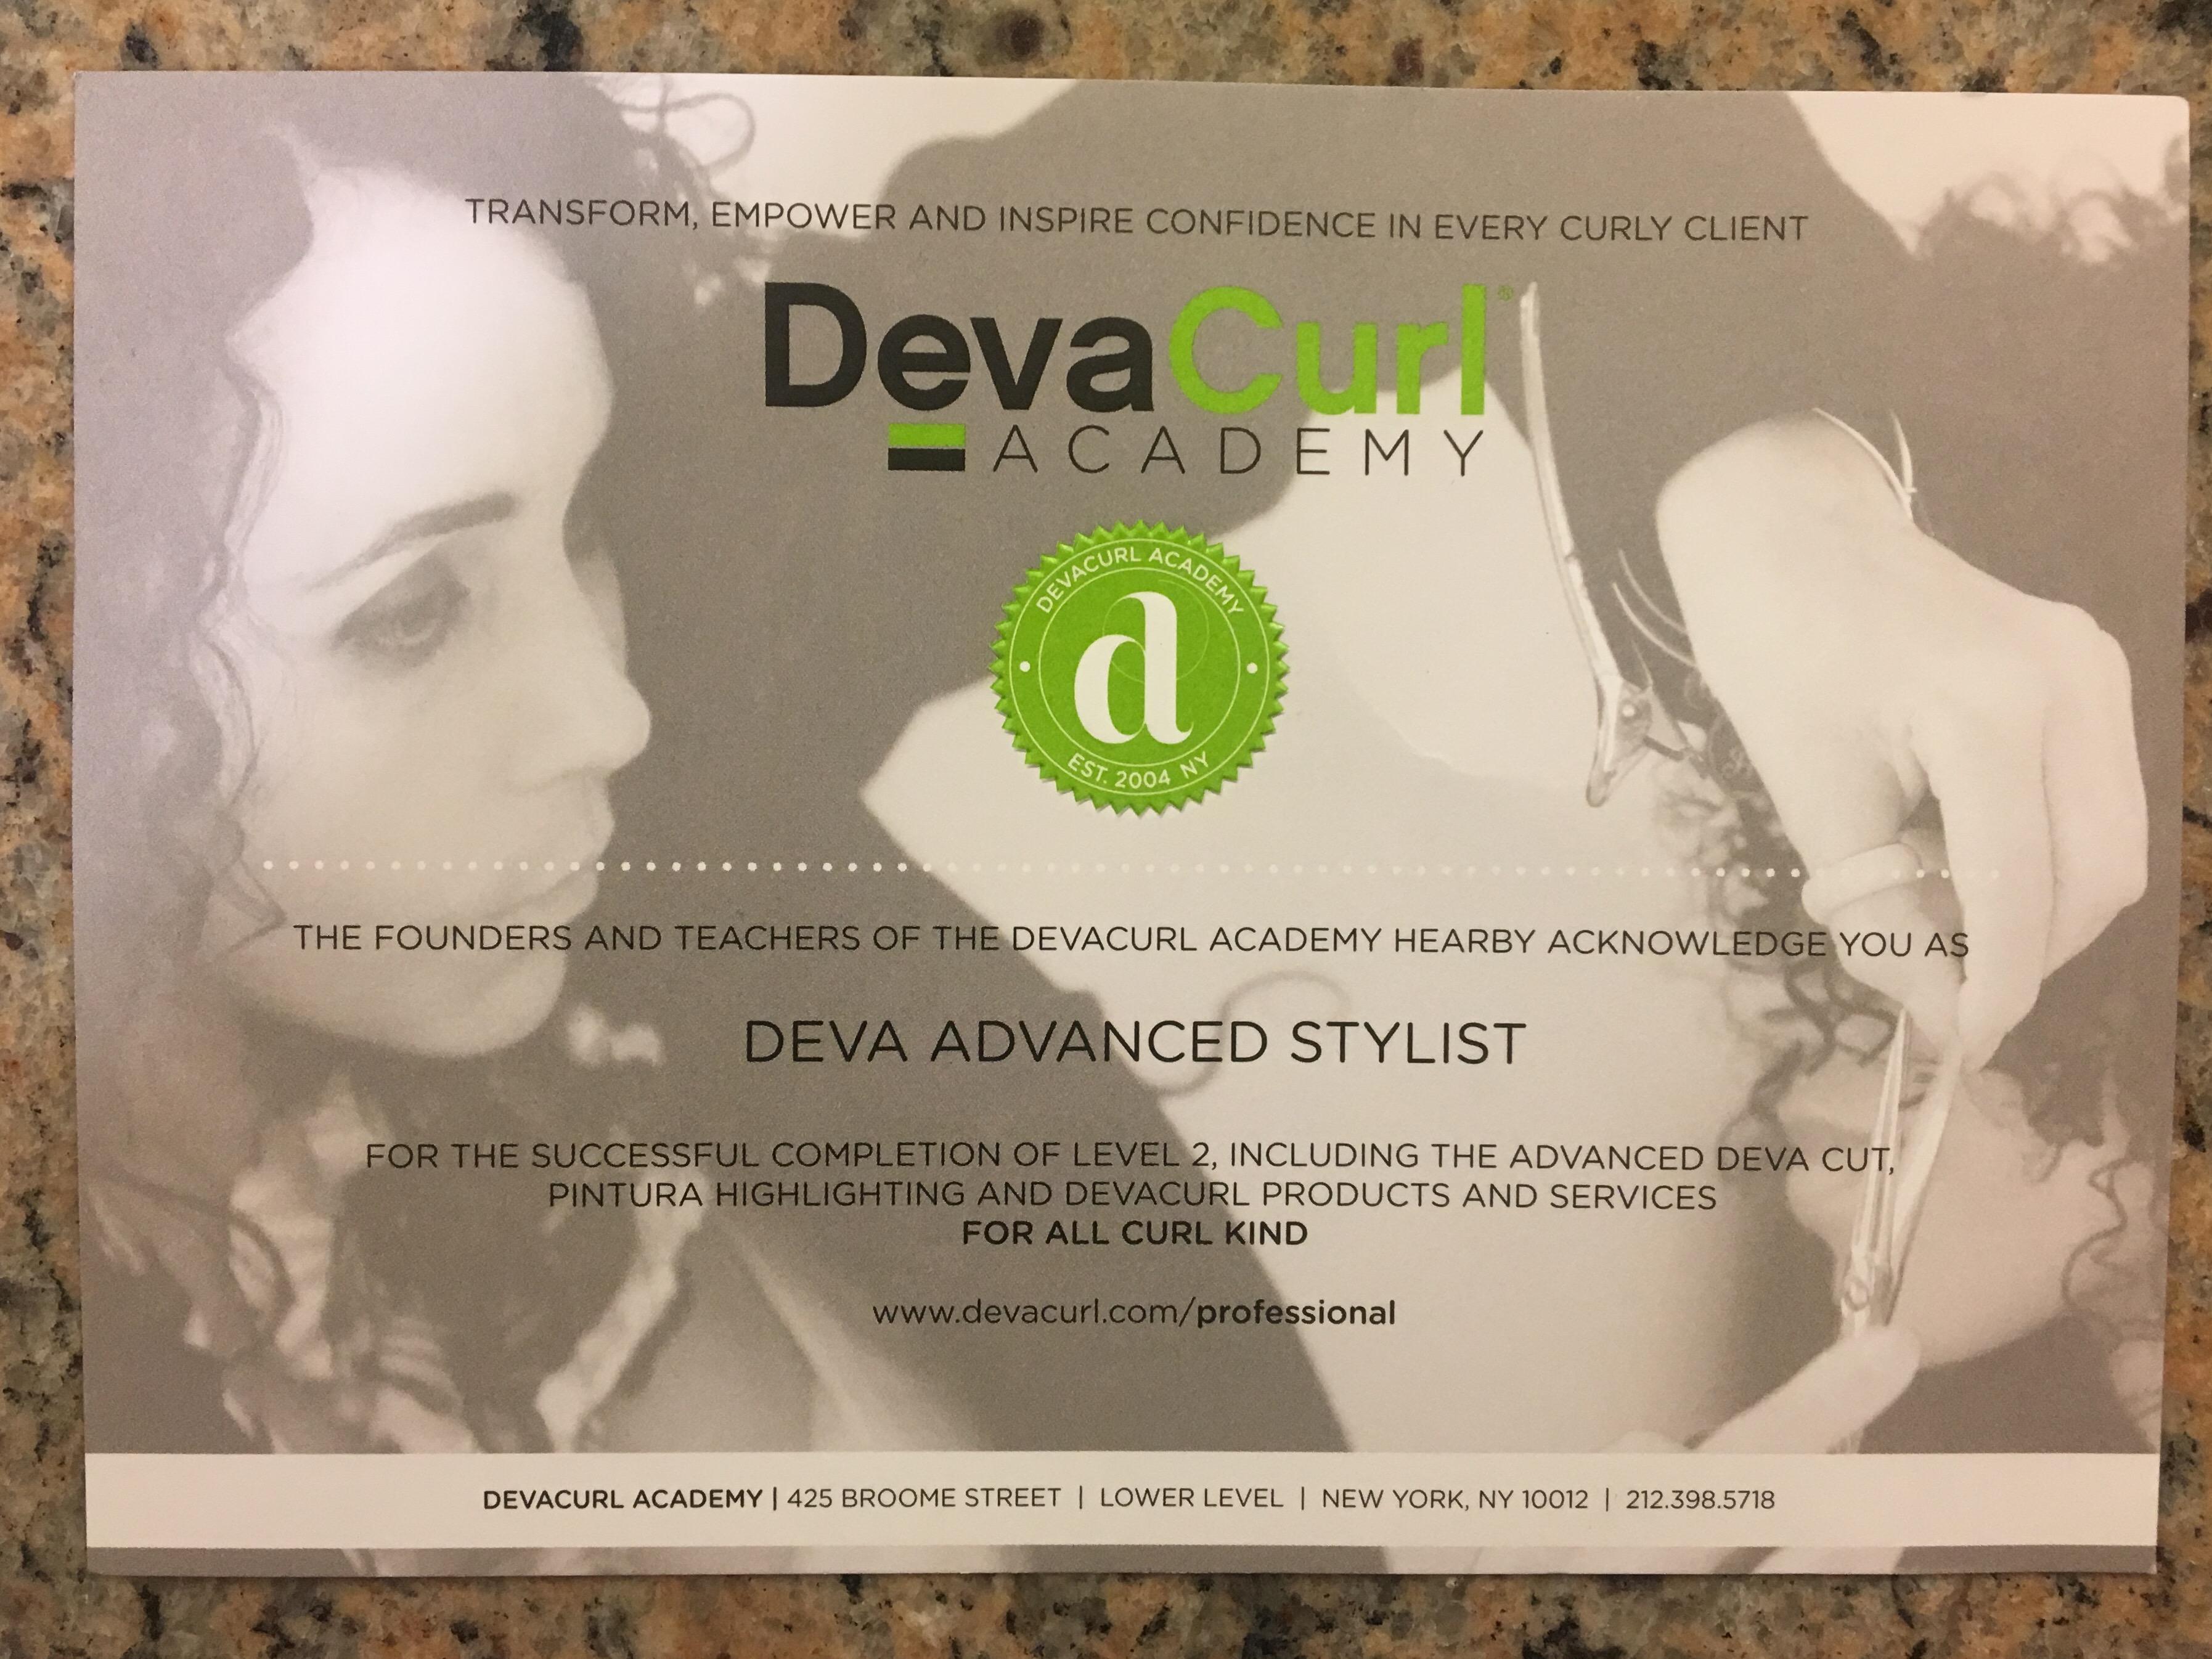 DevaCurl training